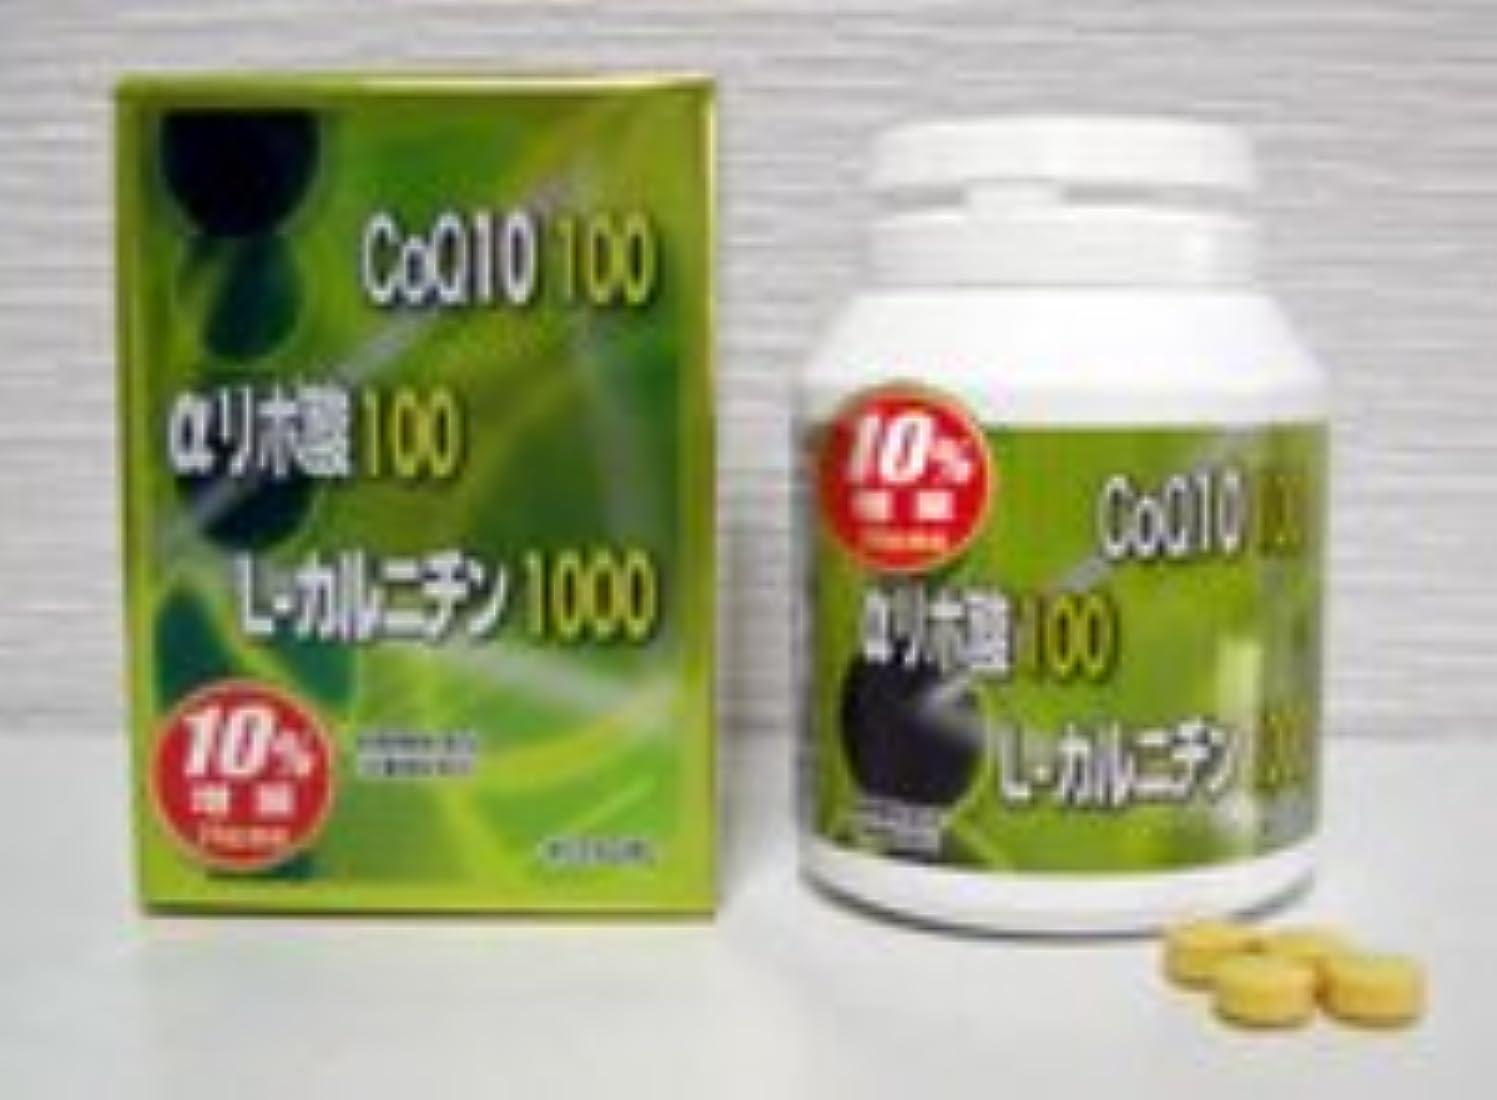 純粋にシーン舌なダイエットサプリ CoQ10+αリポ酸+L-カルニチン 102.96g(390mg×約264粒)